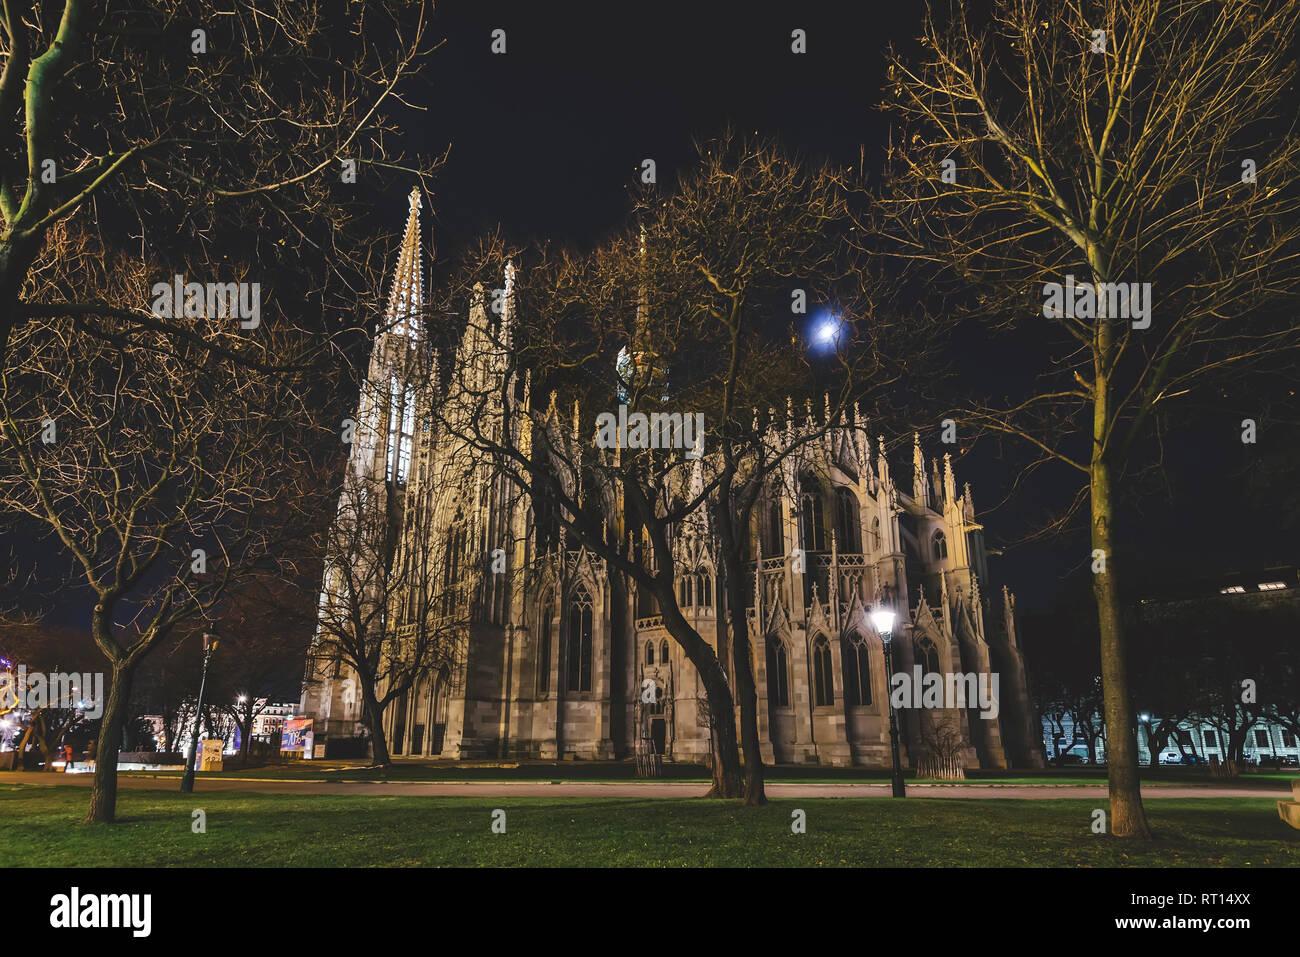 Vienna, Austria - December 25, 2017. Neo - gothic twin tower Votivkirche Illuminated at Night with no people. Facade of gothic Votive church, Sigmund  - Stock Image